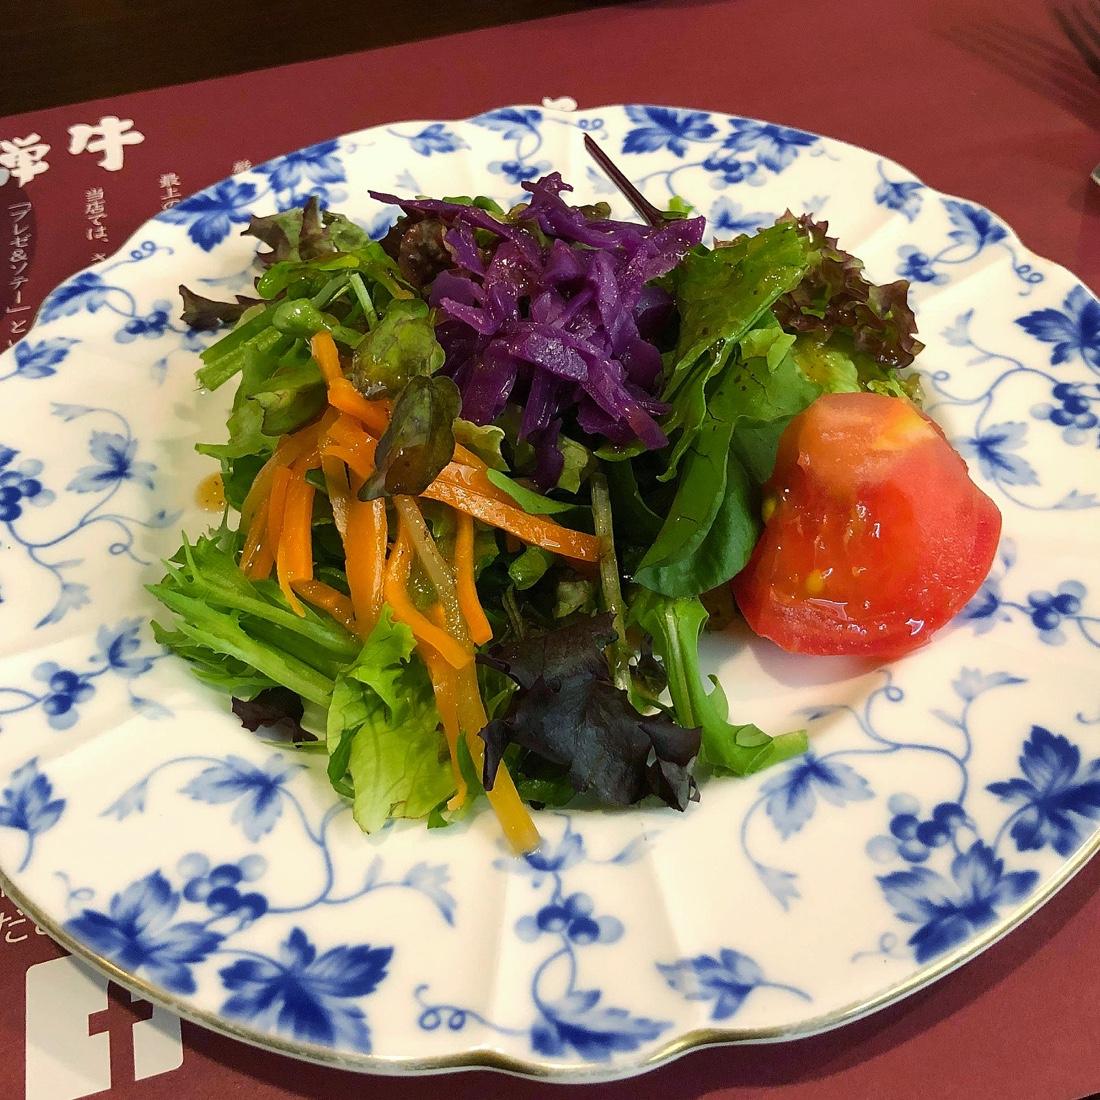 キッチン飛騨のシェアセットのサラダ